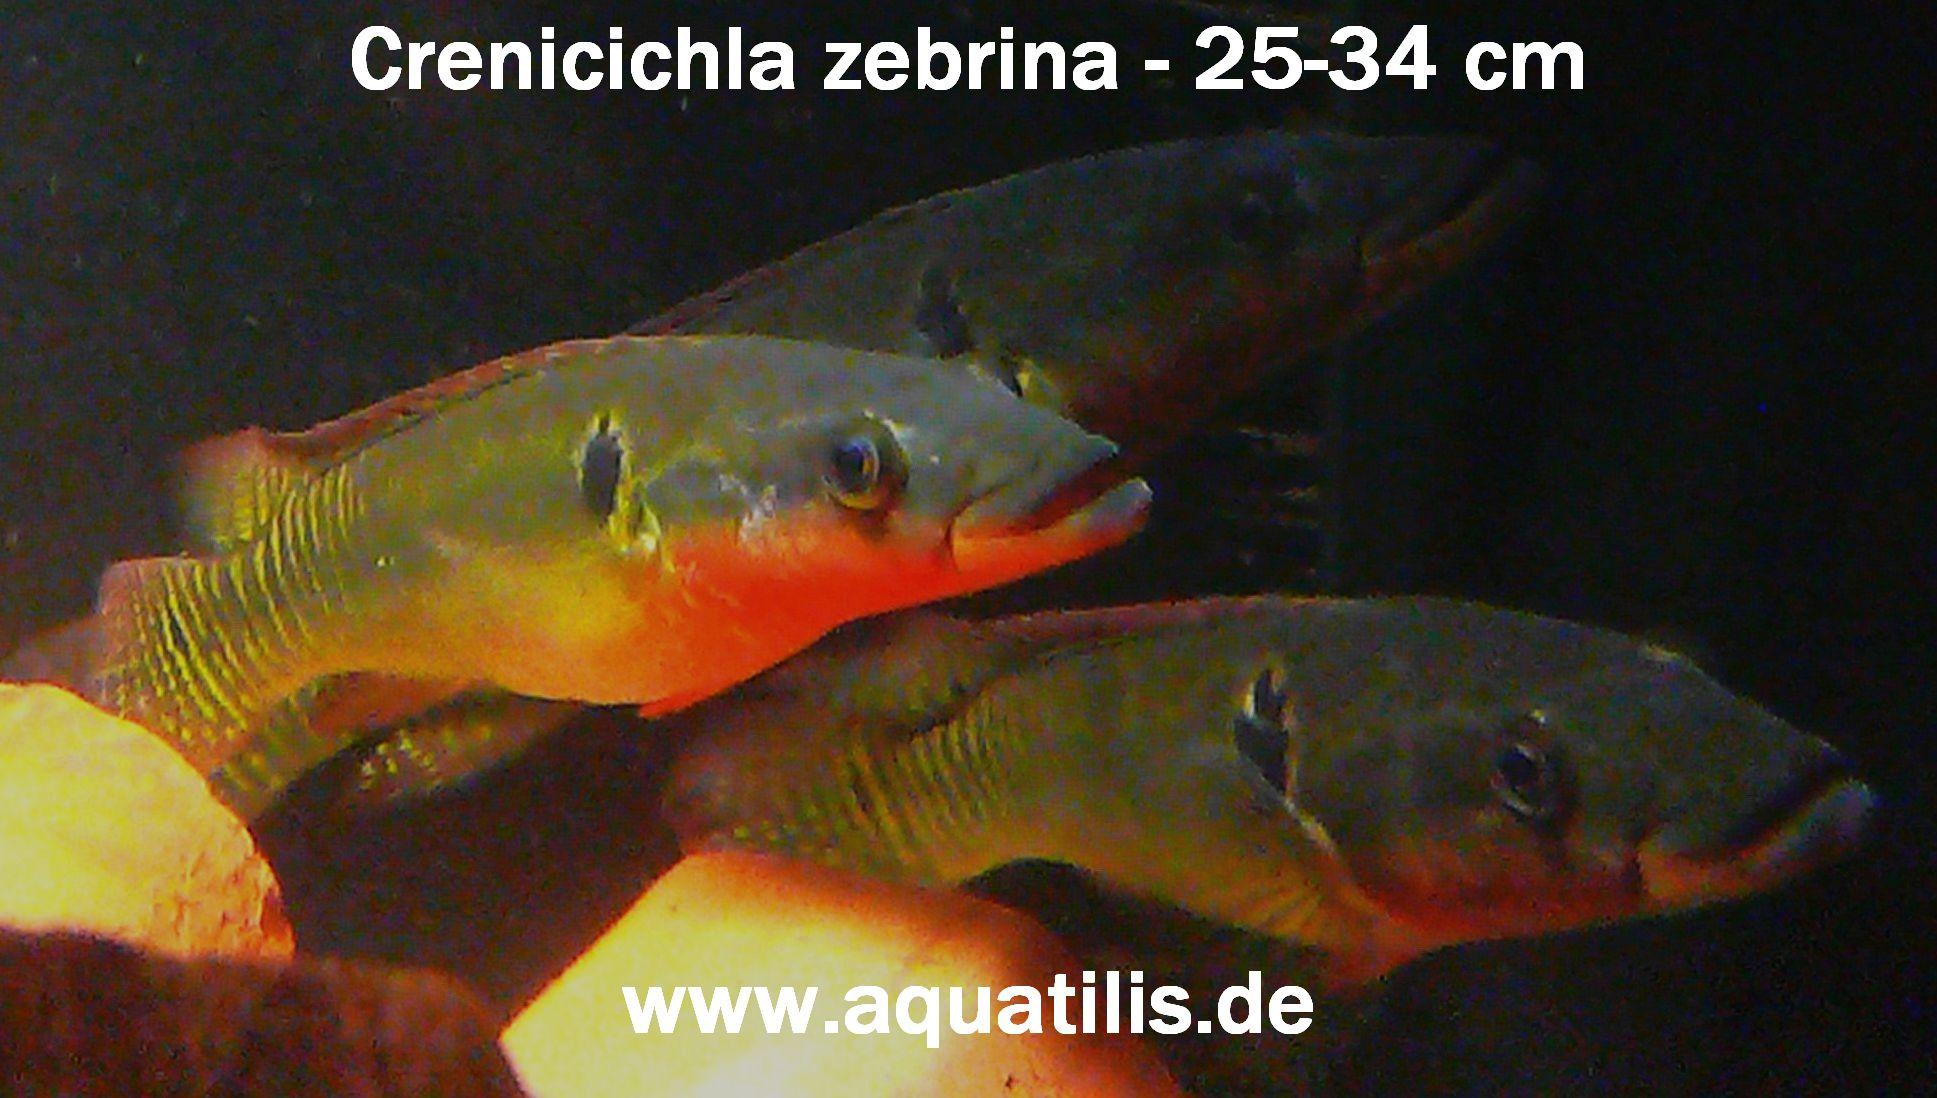 Crenicichla zebrina,  24-34 cm,  Foto: Peter Jaeger  AQUATILIS